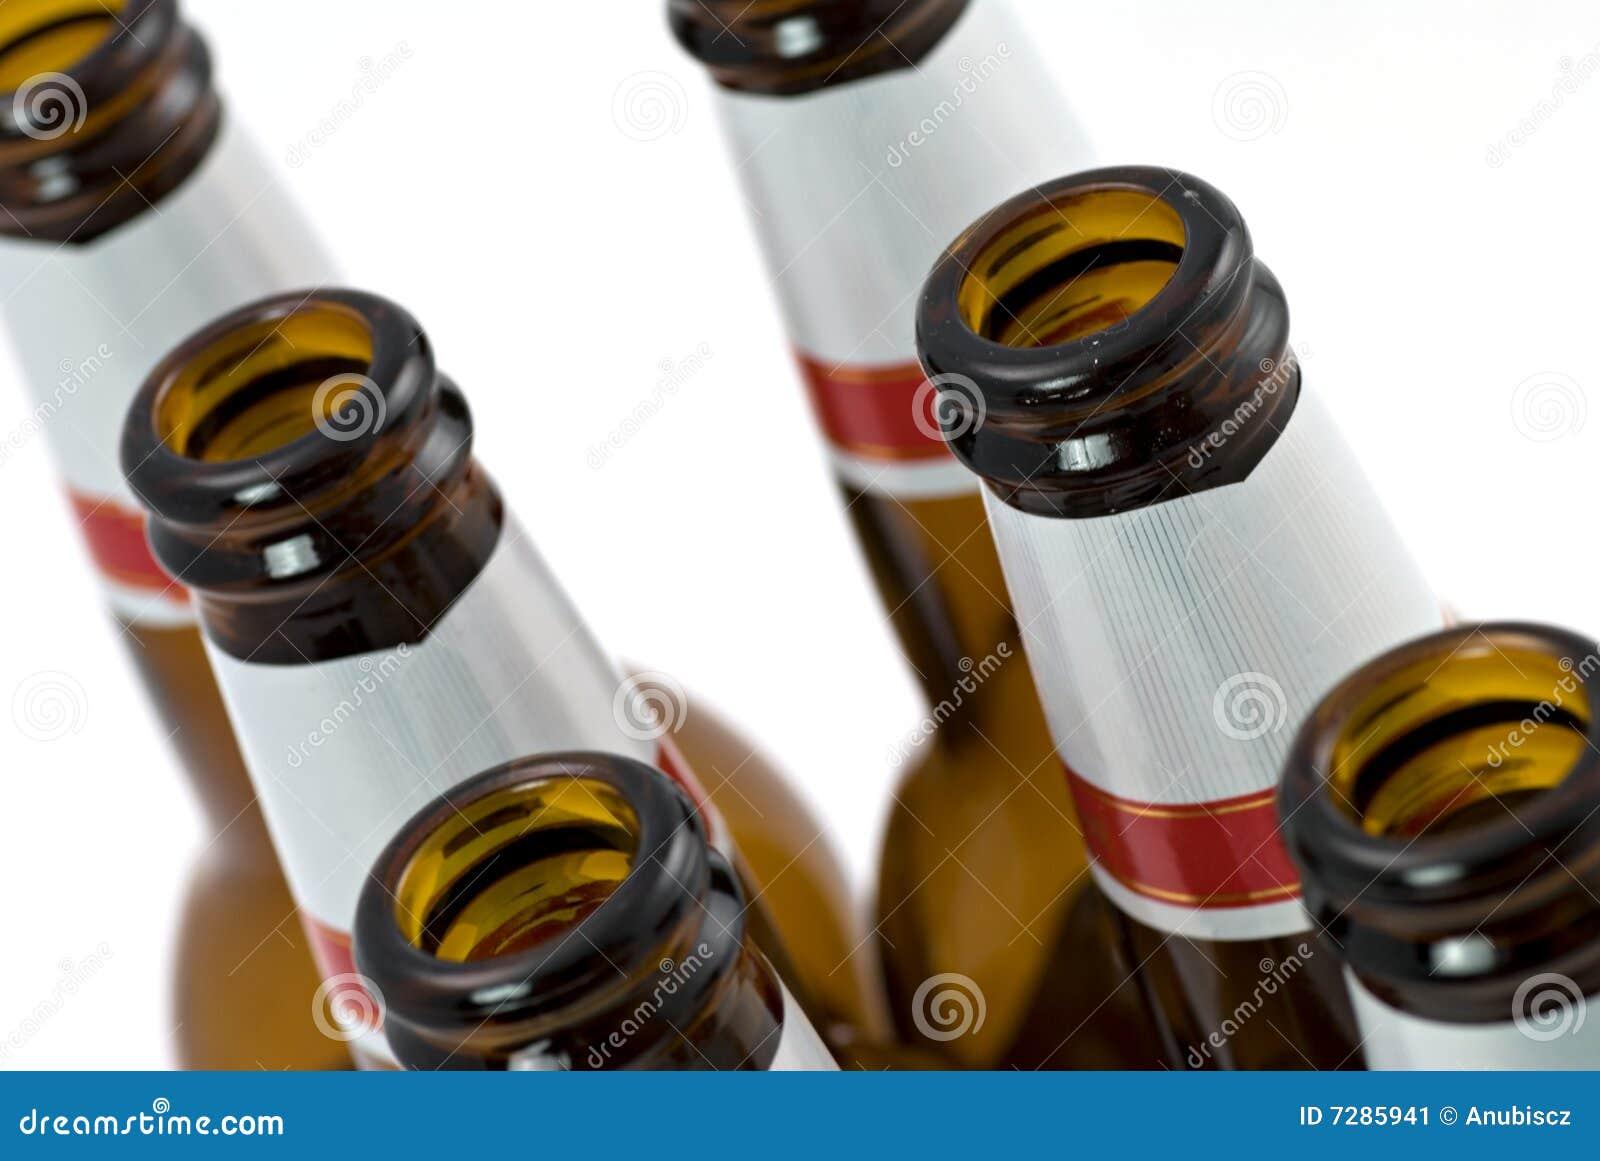 Botellas vacías de cerveza